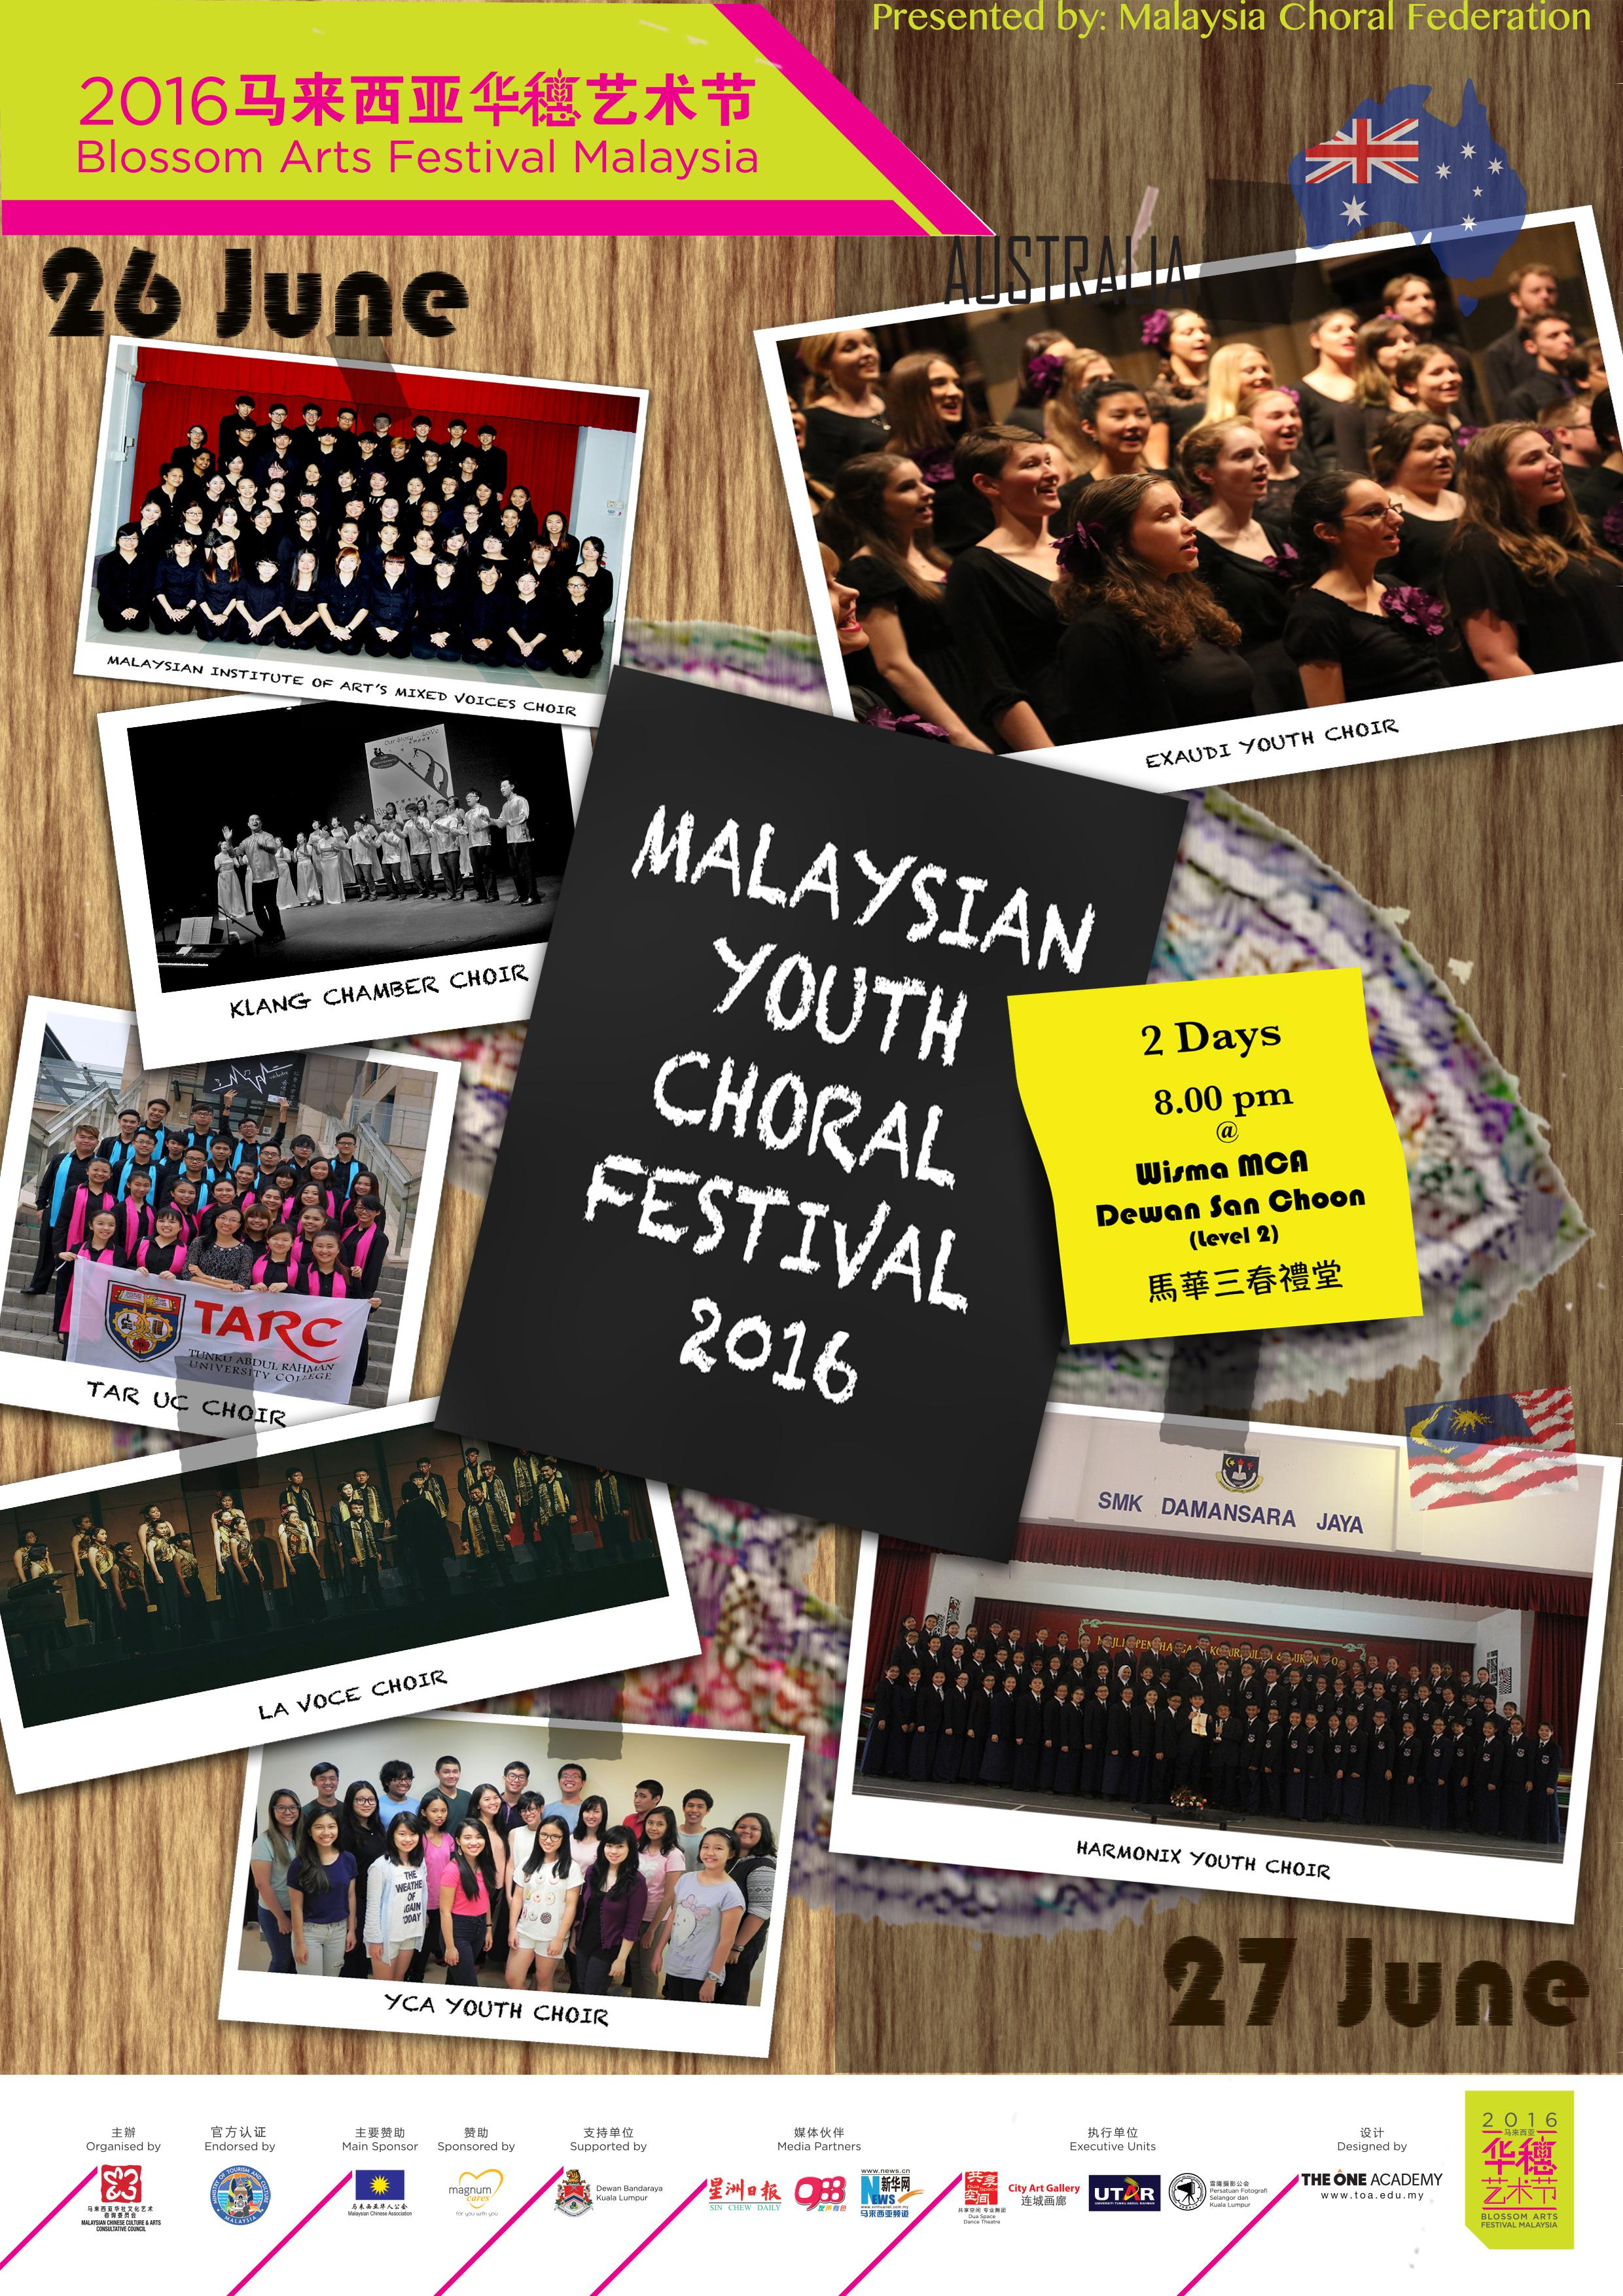 马来西亚合唱联盟